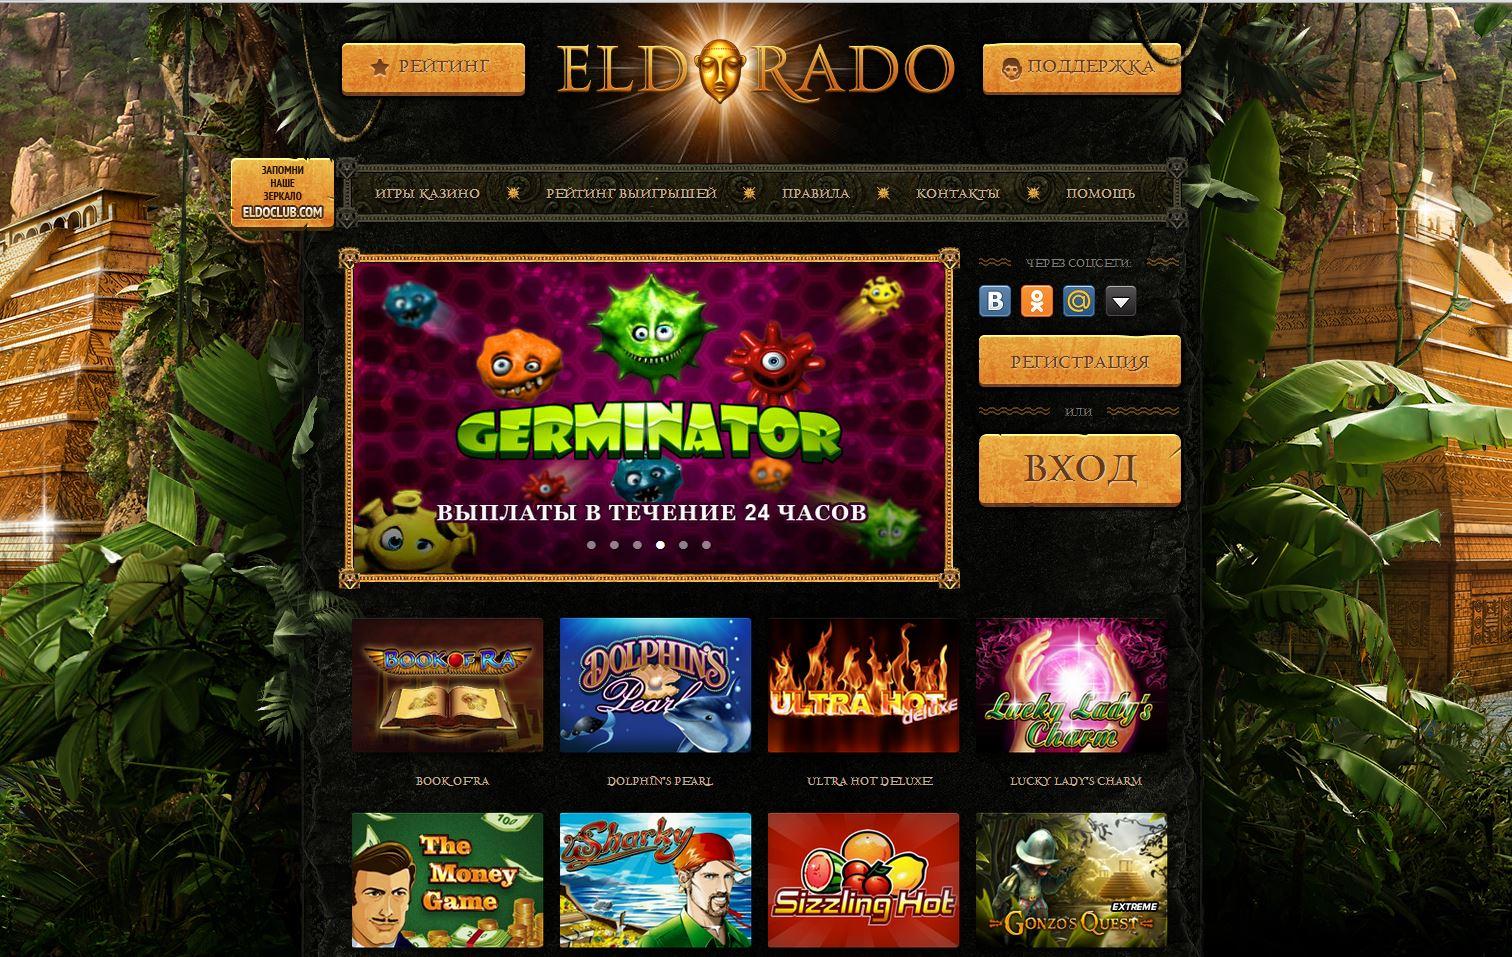 ПАРТНЕР ФОРУМА - Casino X описание и отзывы | Казино Икс (casino-x